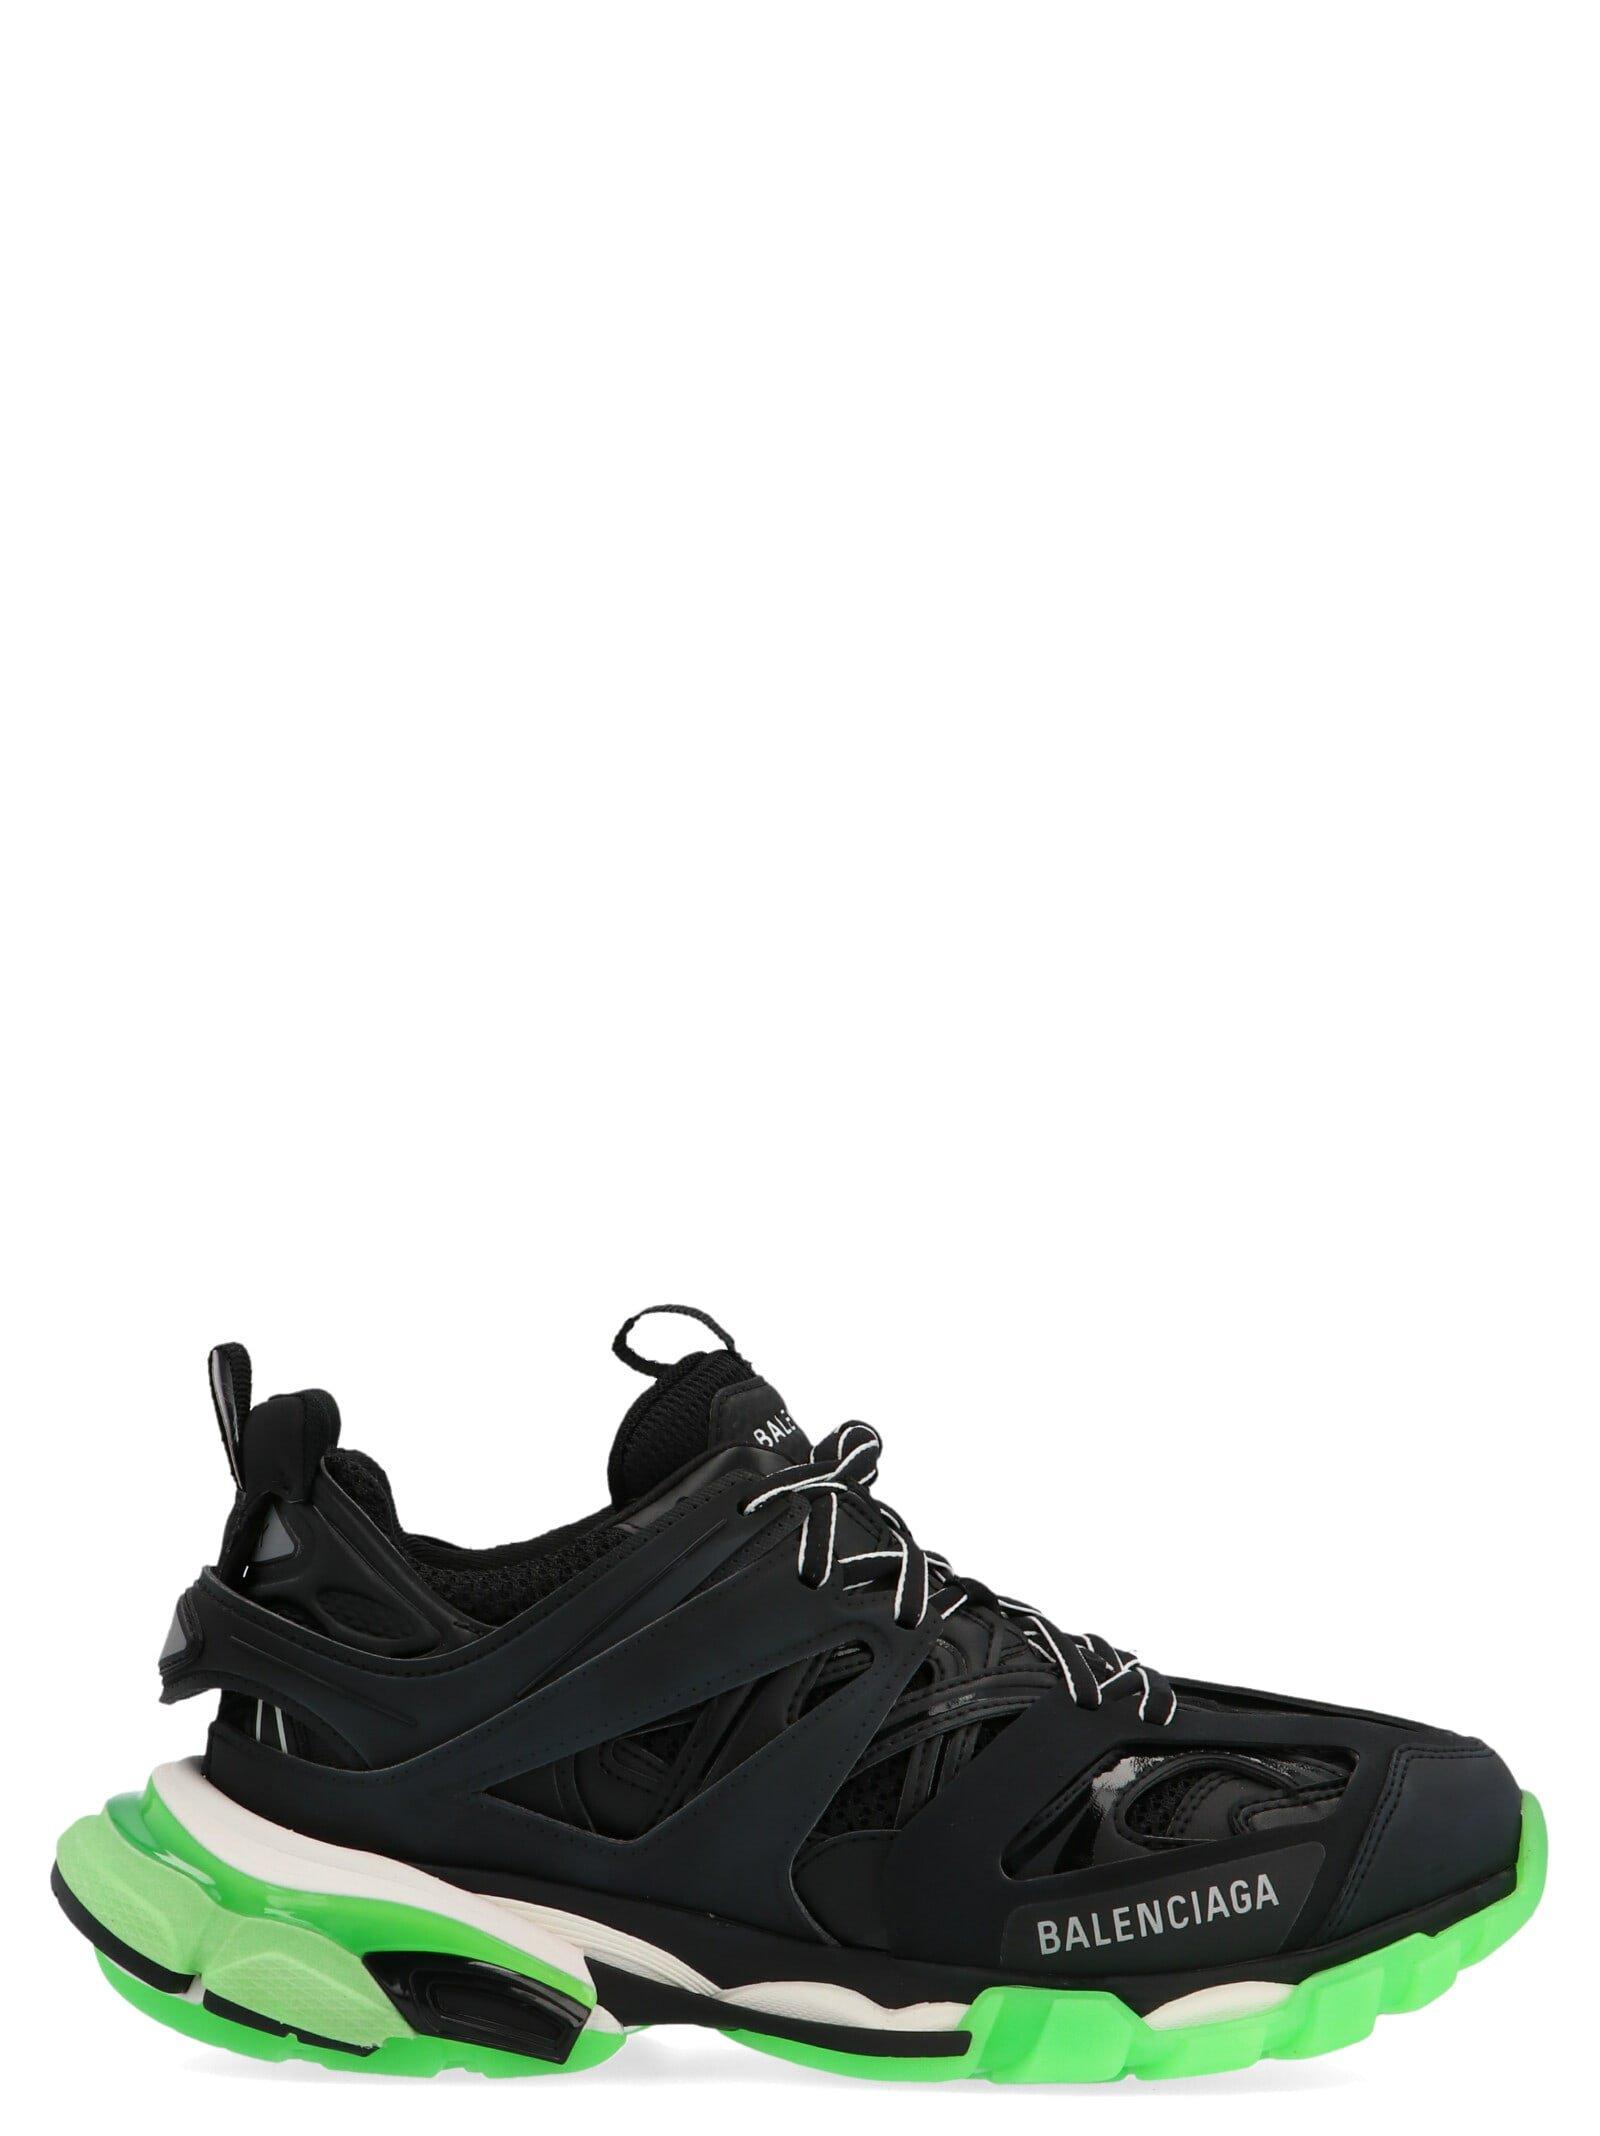 Balenciaga track Shoes